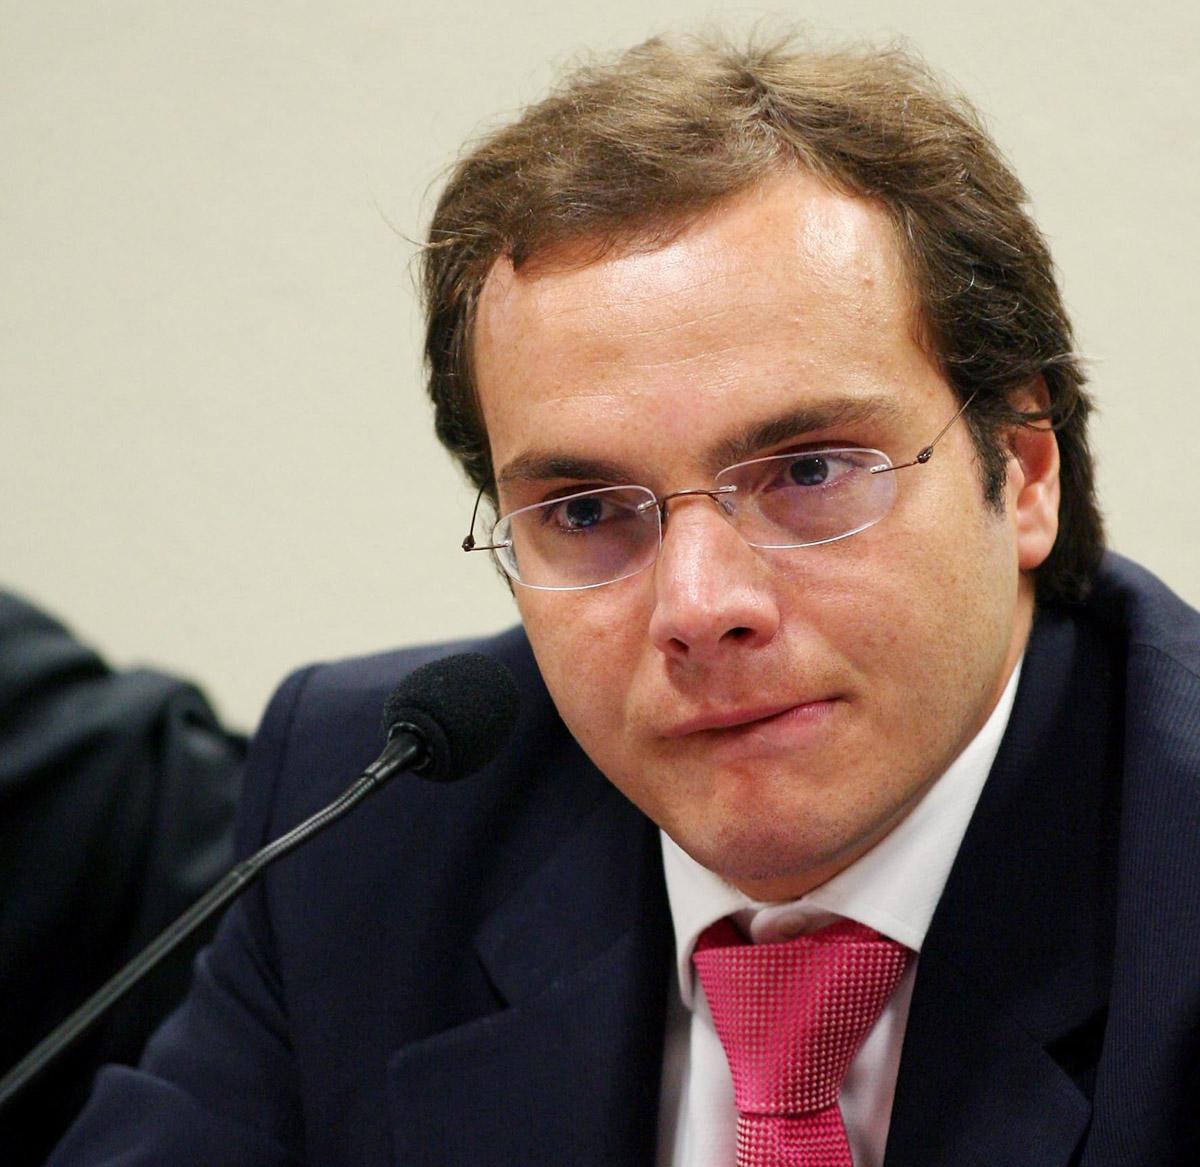 Lúcio Bolonha Funaro durante depoimento à sub-relatoria de fundos de pensão da Comissão Parlamentar Mista de Inquérito dos Correios, no Senado, em Brasília, em 2006